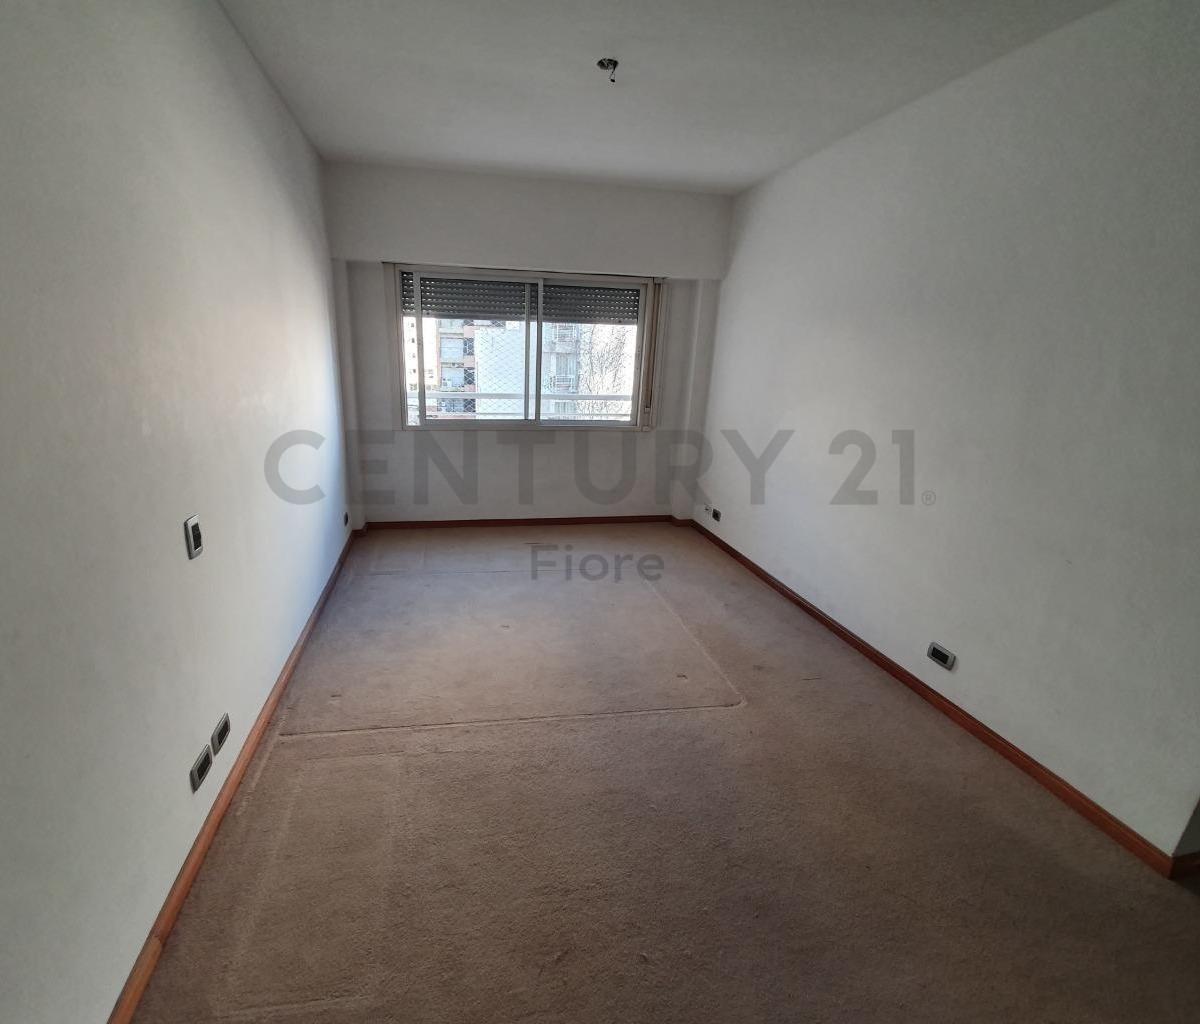 venta departamento 4 ambientes en torre de categoria en nuñez